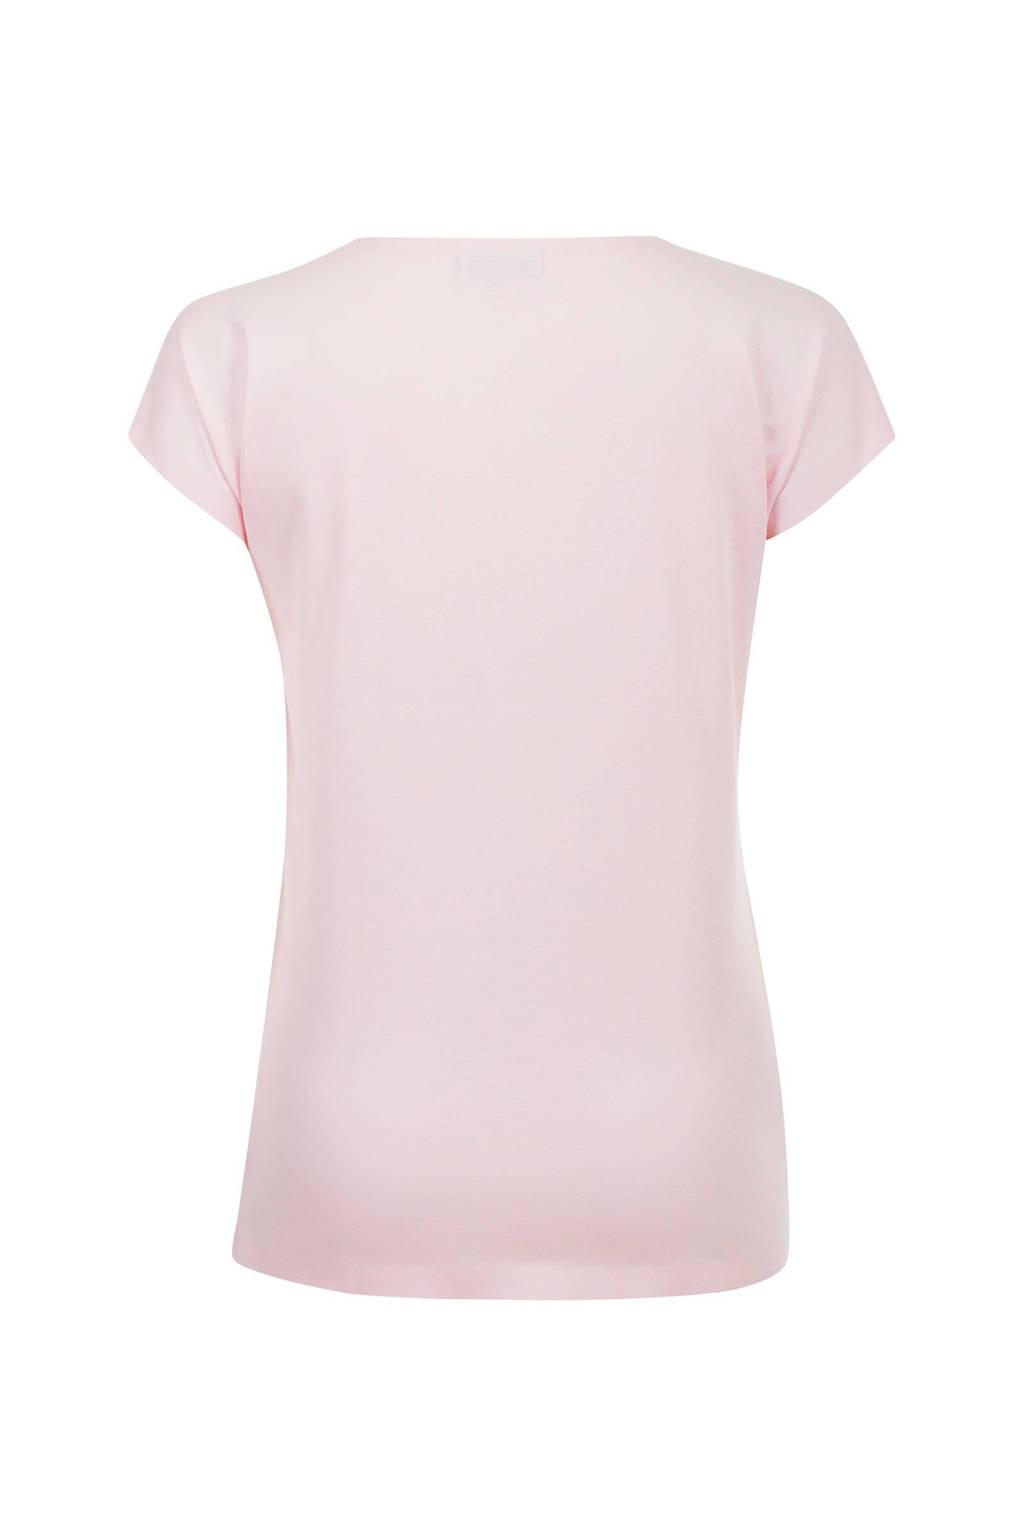 Lichtroze shirt Promisst shirt Promisst v4xqZH6C